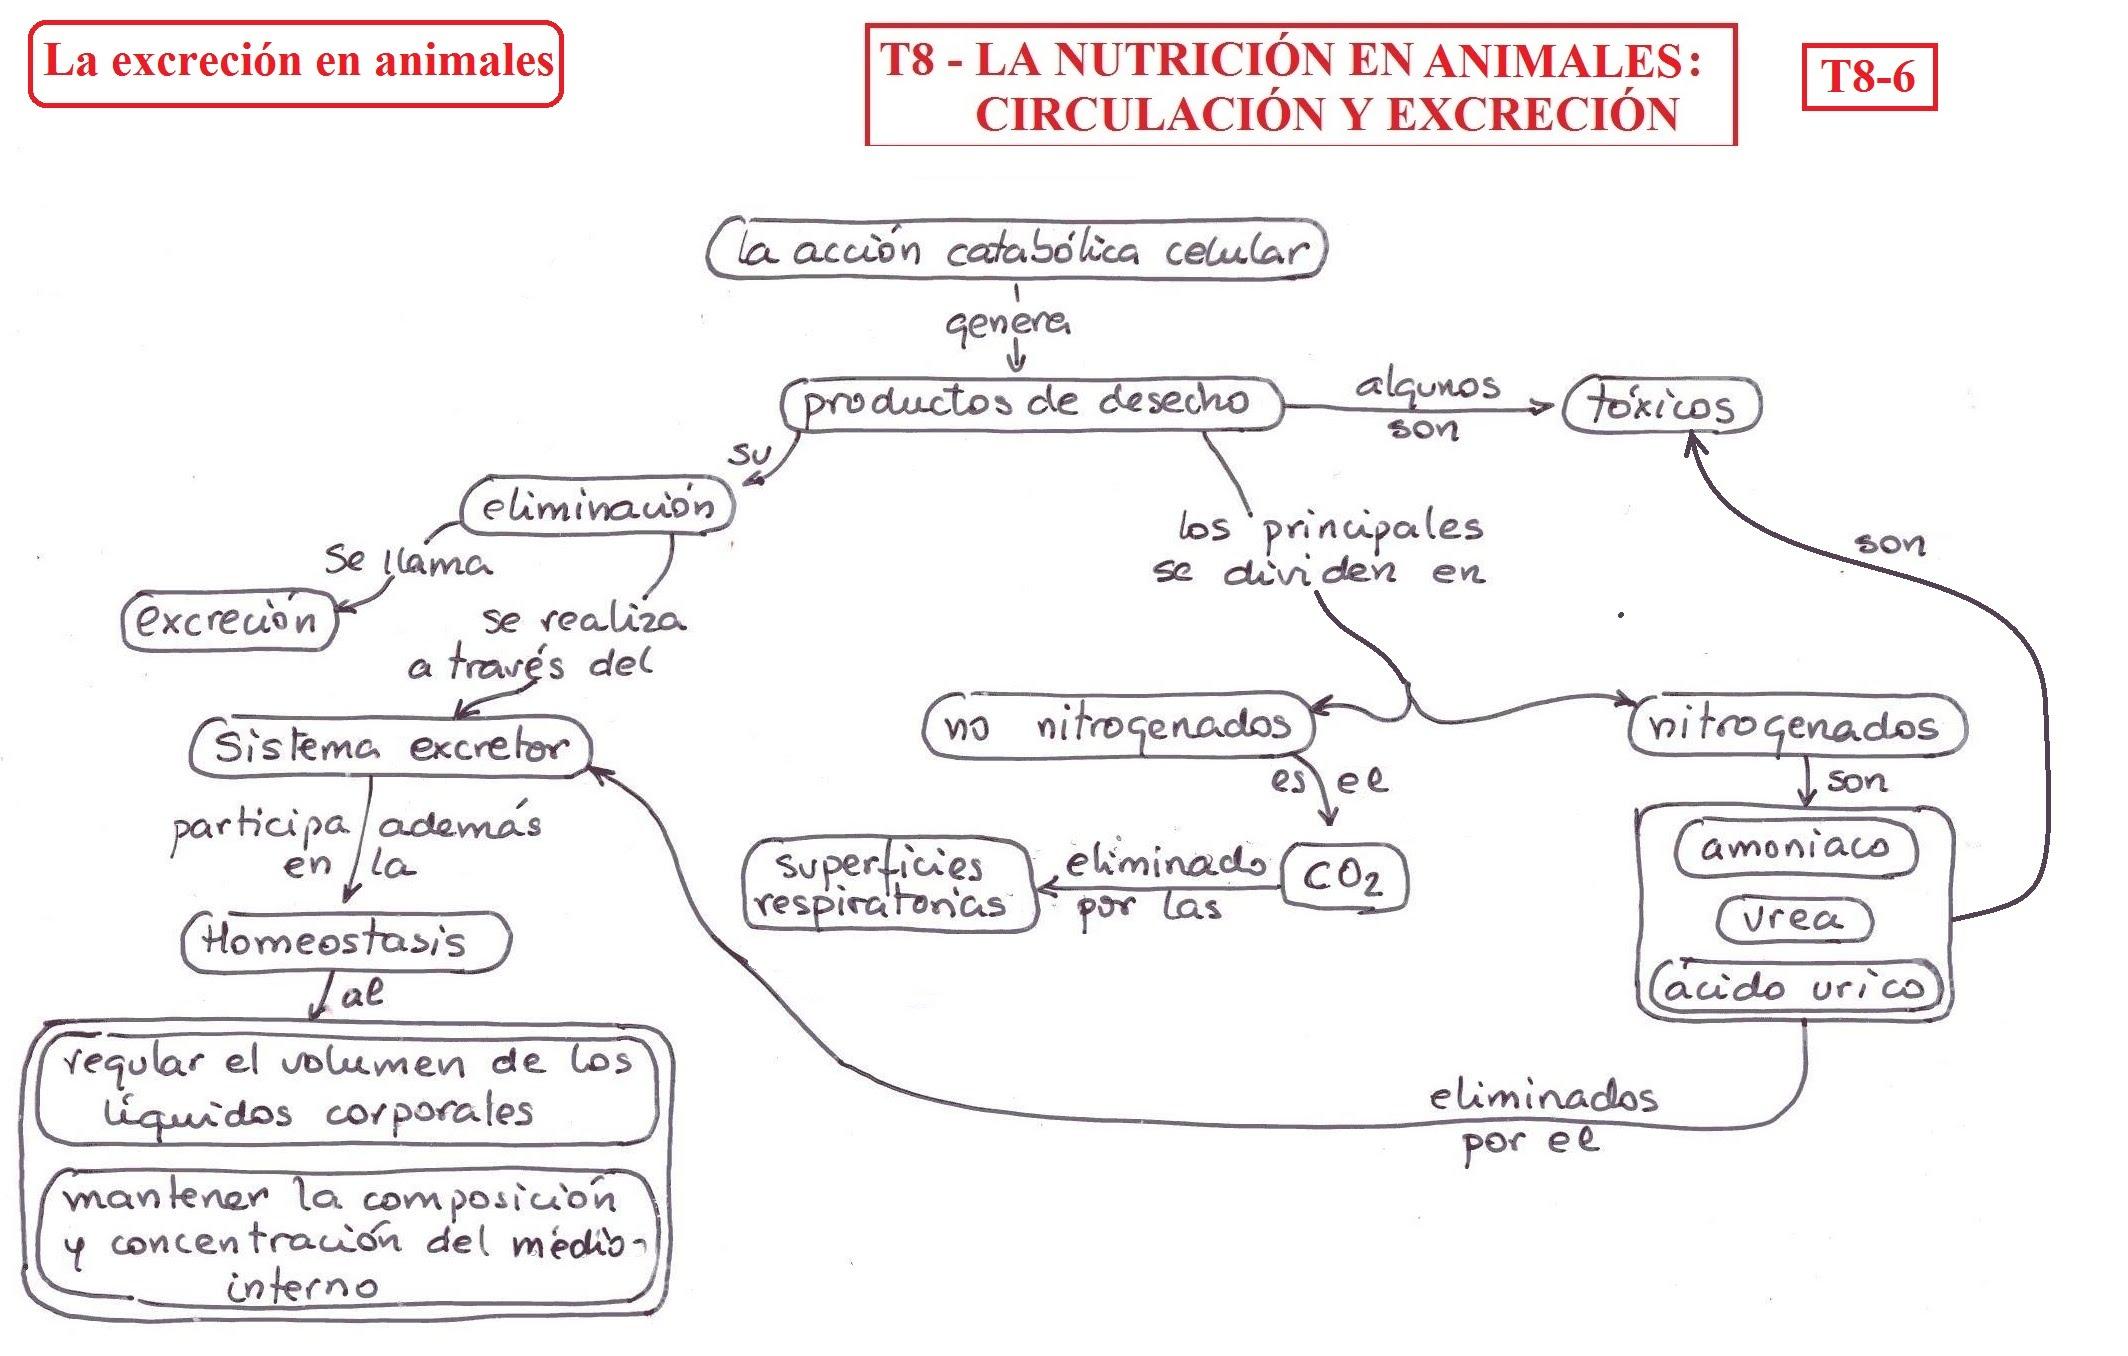 T08- La nutrición en animales II: circulación y excreción..